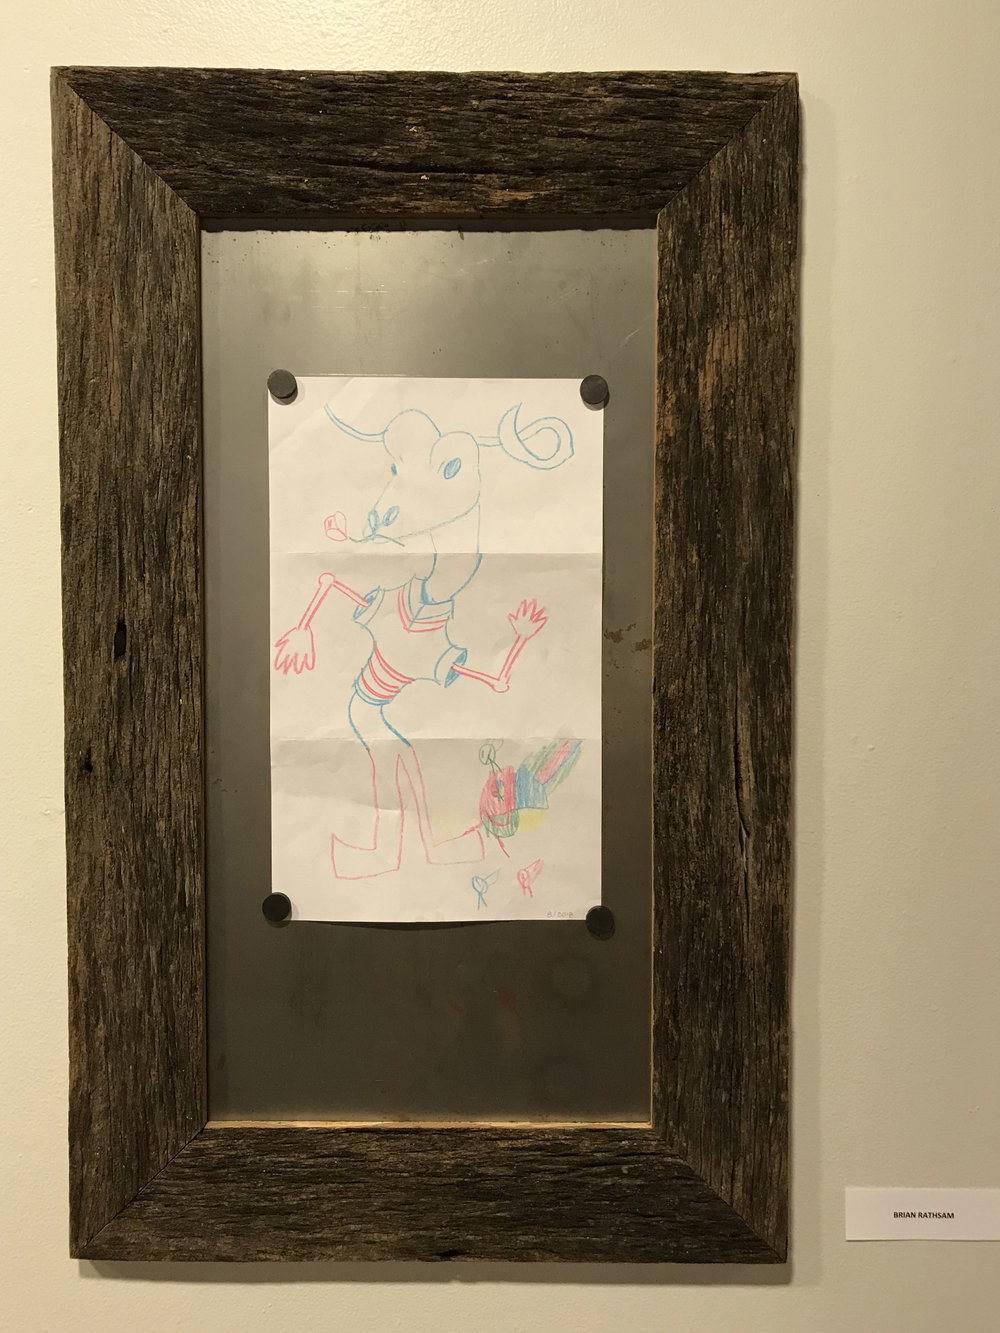 Barn Wood Frame, Brian Rathsam